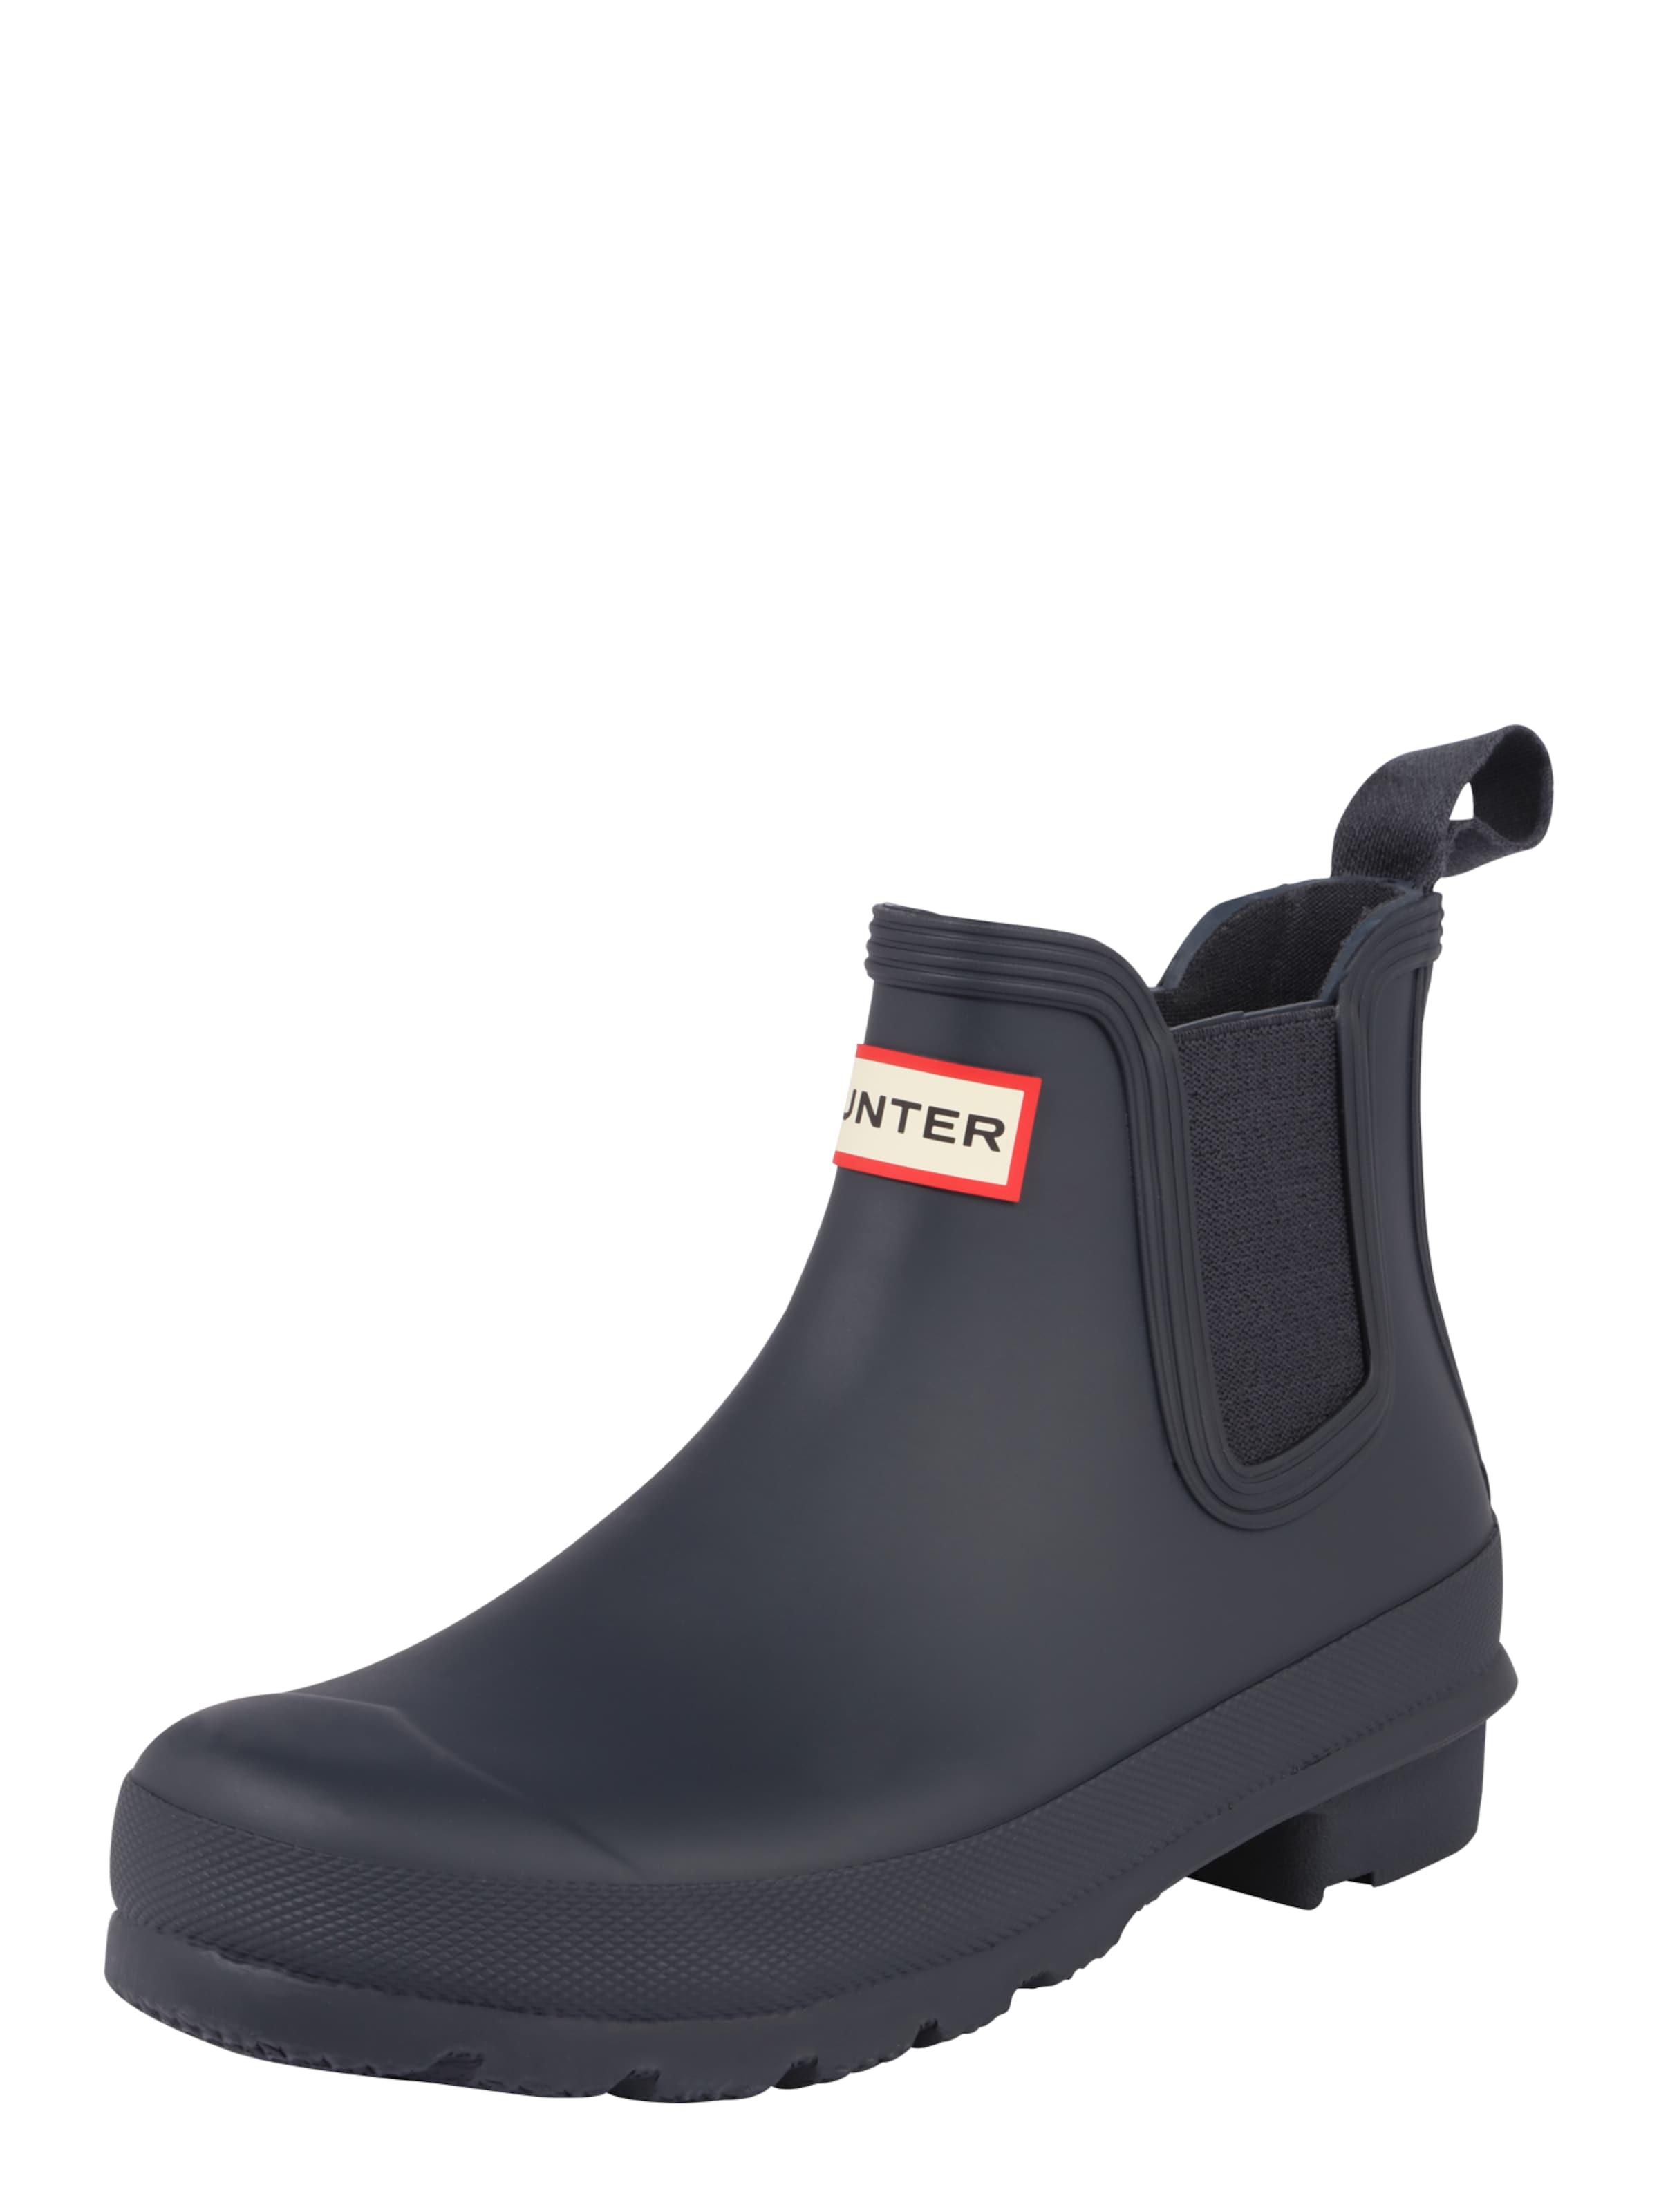 HUNTER Gummistiefel Verschleißfeste billige Schuhe Hohe Qualität